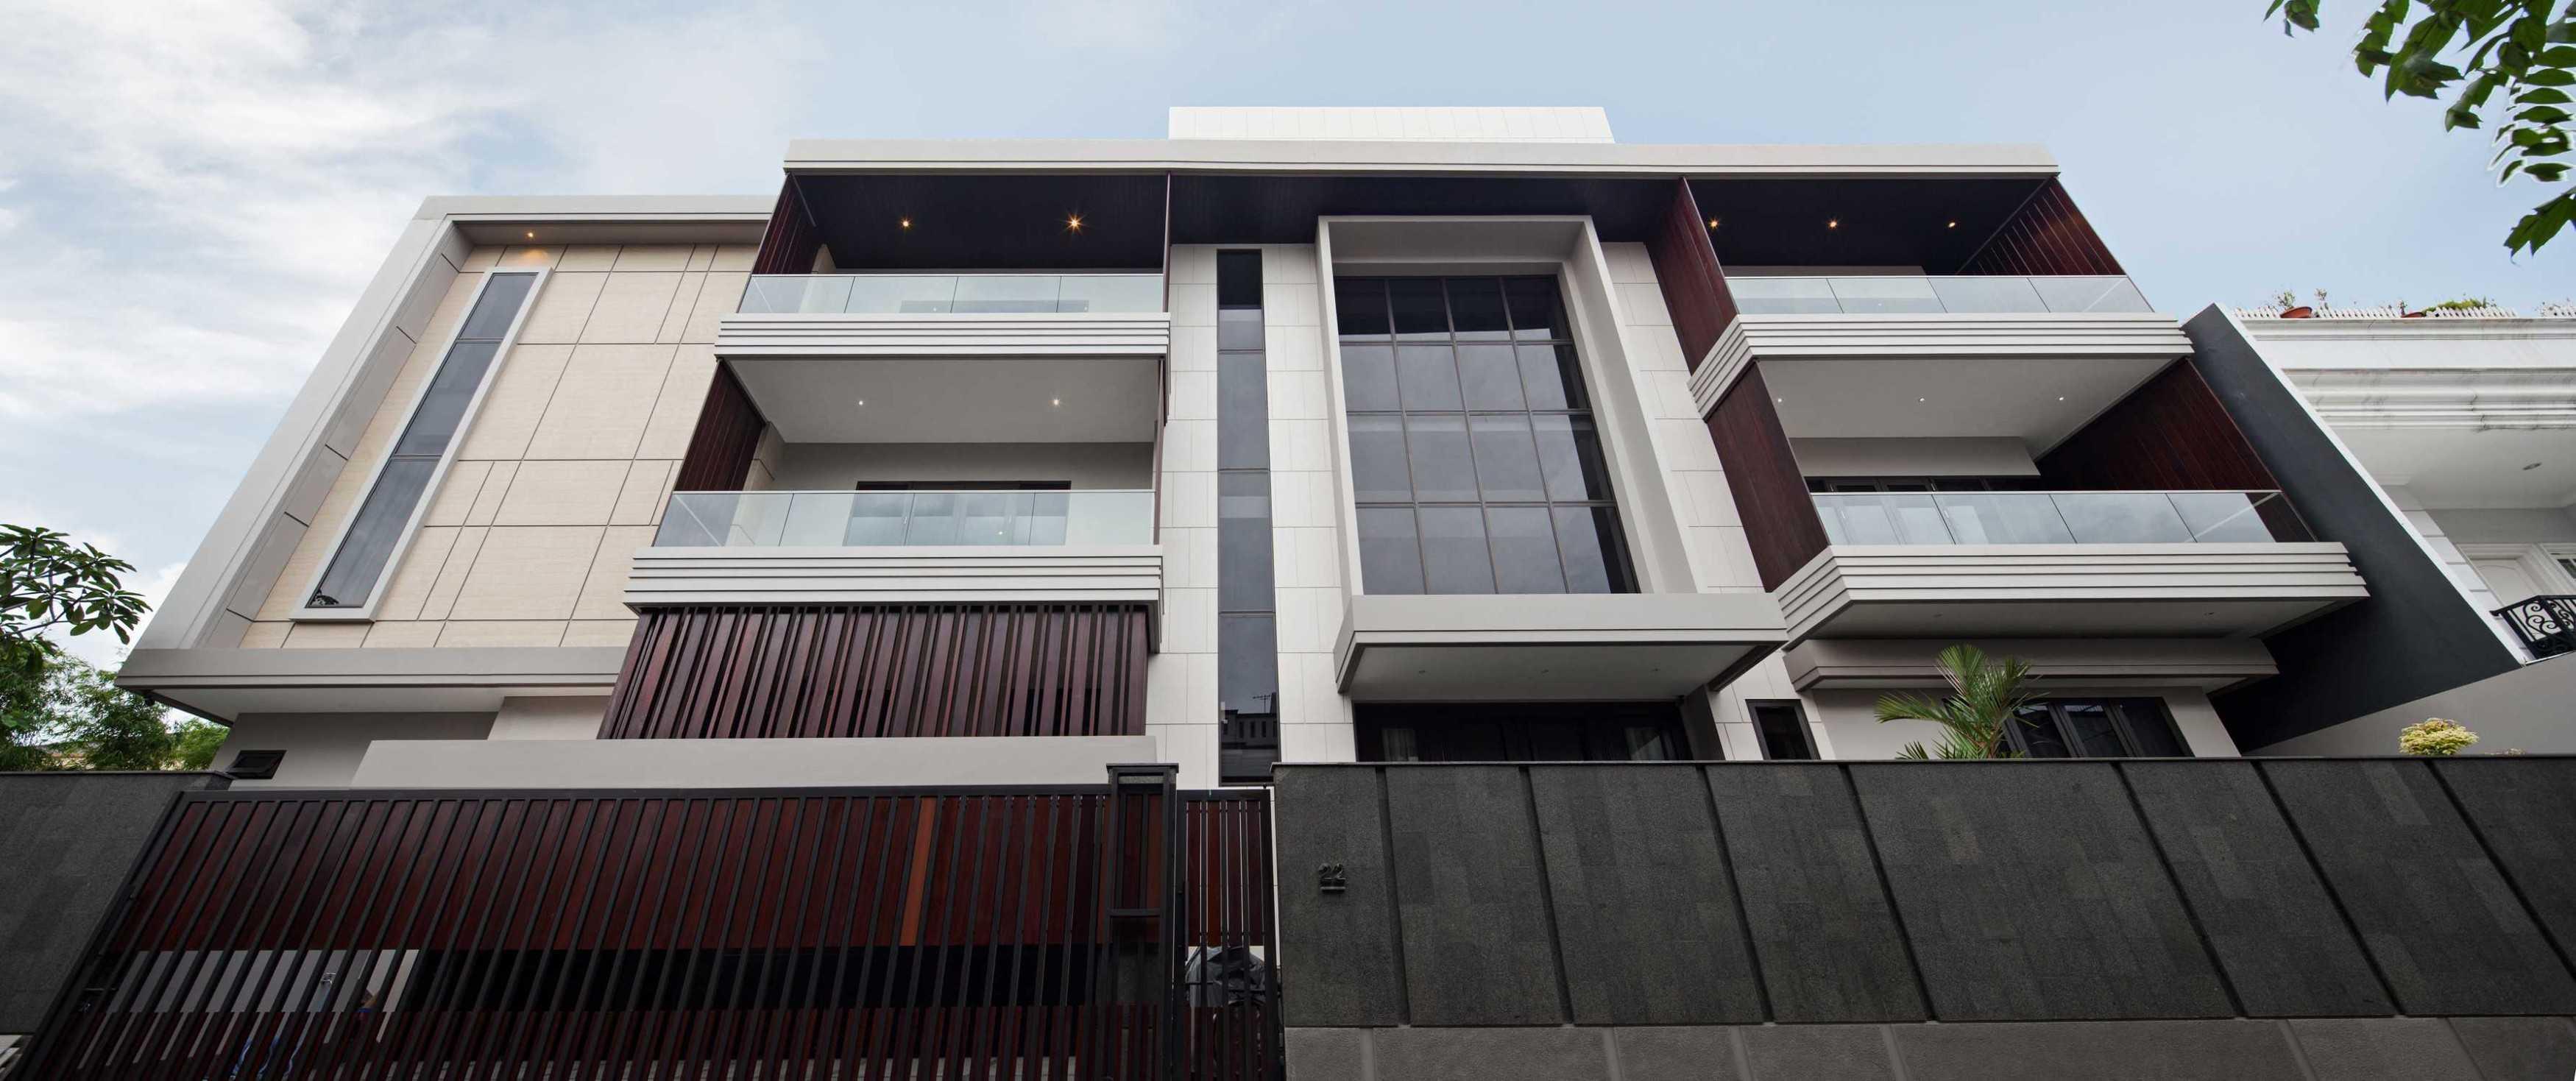 Alradistadesign St House, Sunter Sunter Jakarta Sunter Jakarta Alradistadesign-St-House-Sunter Modern  50504